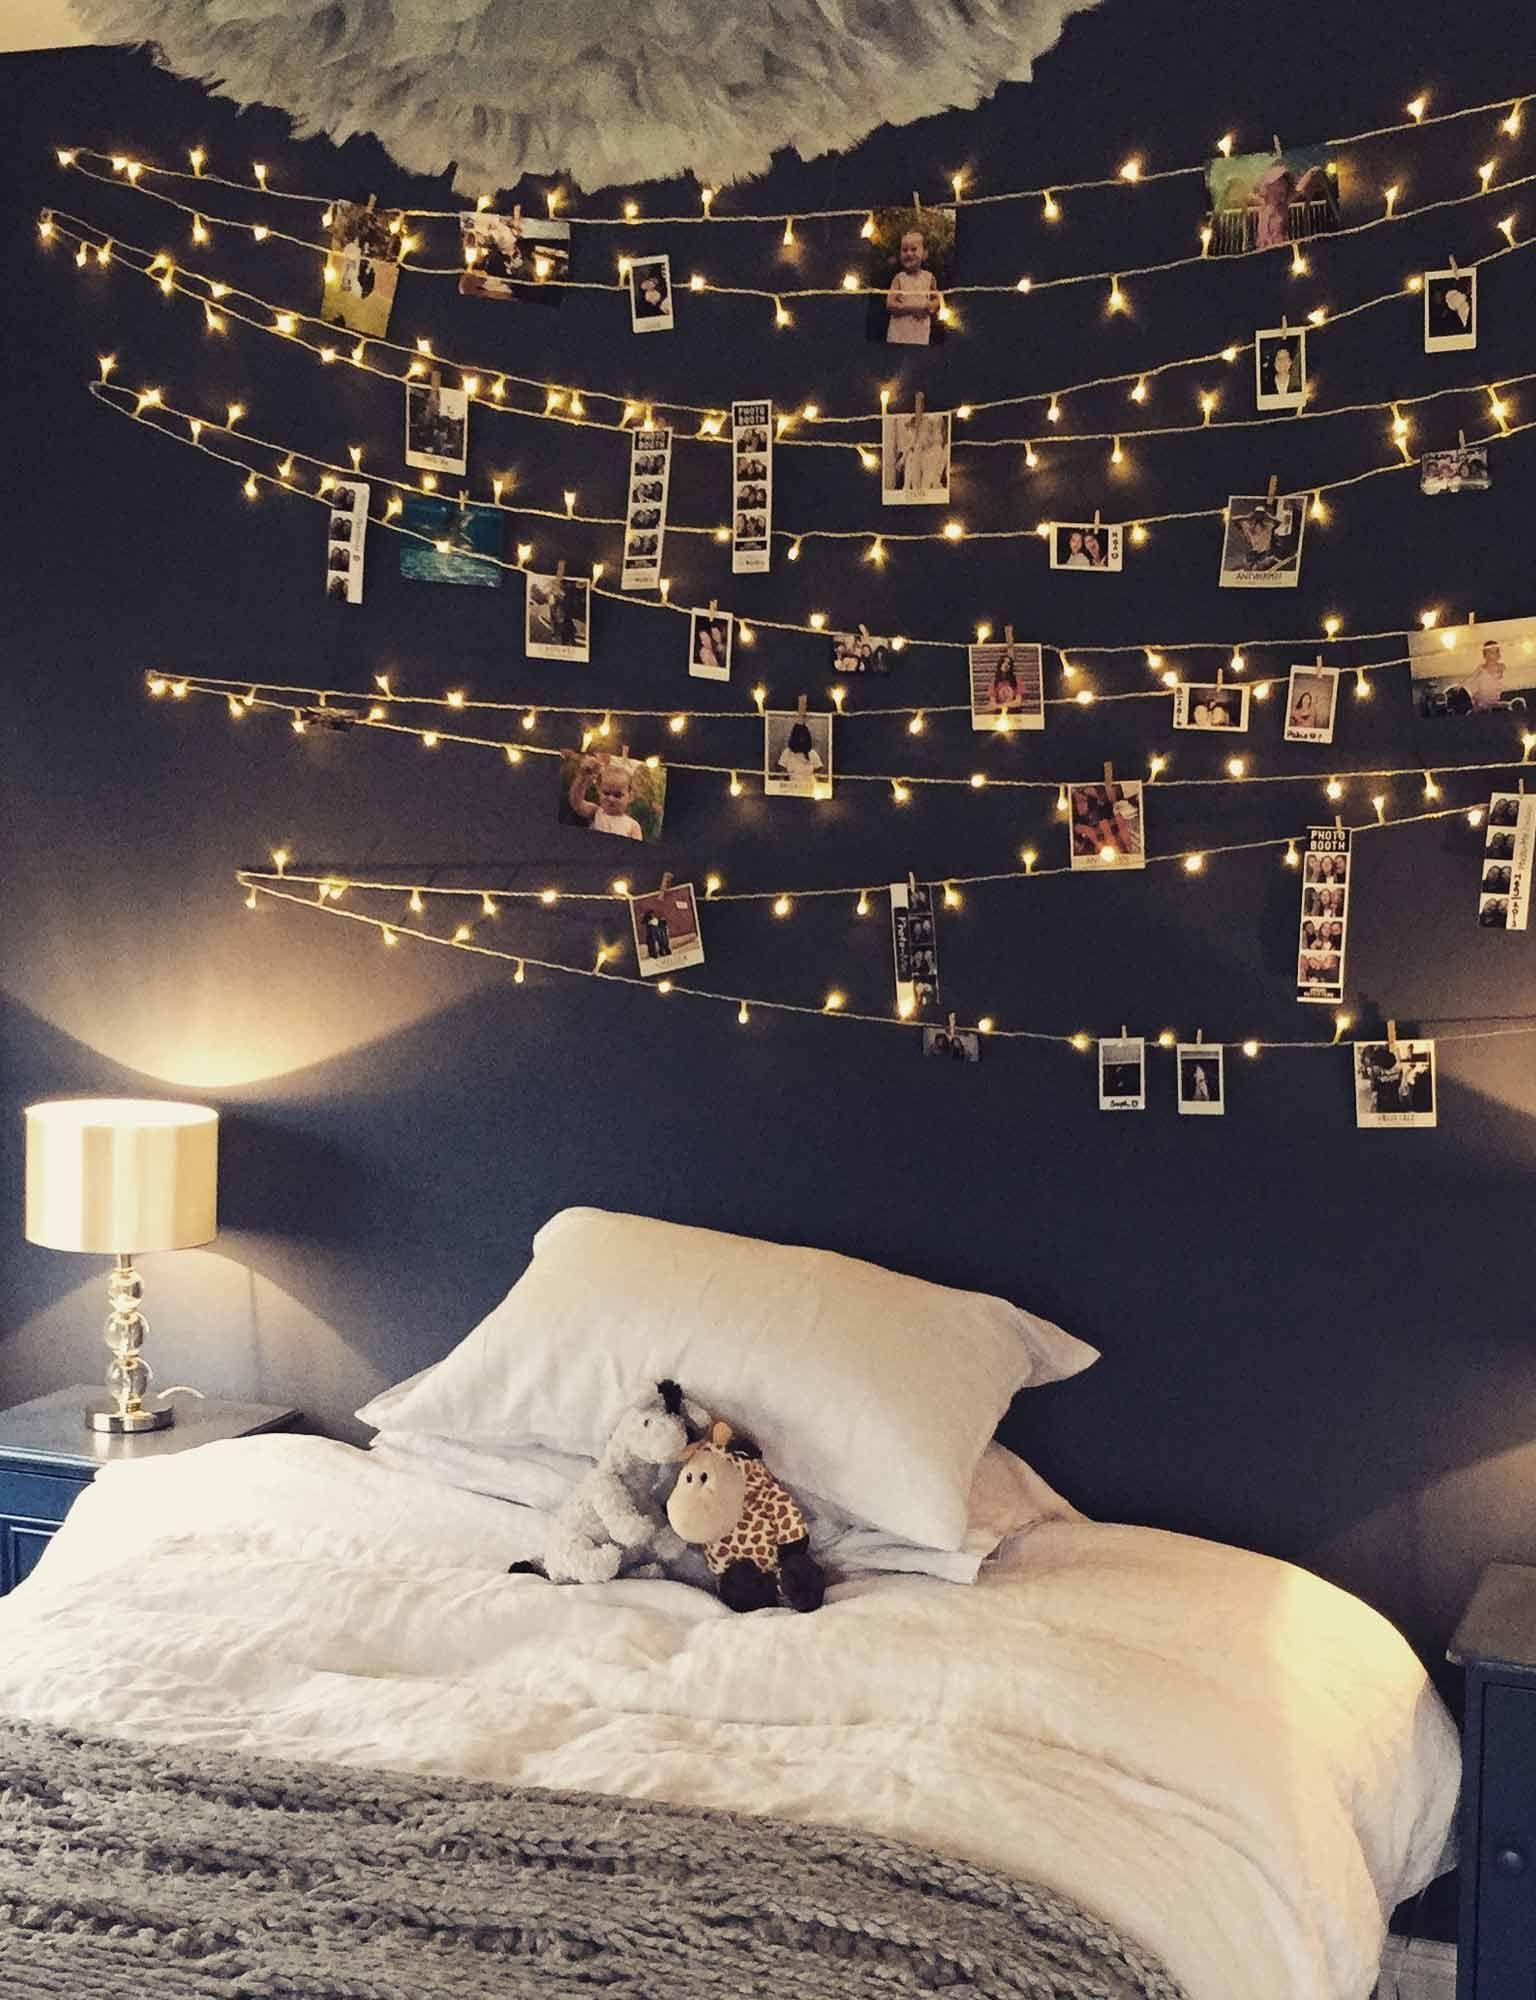 Bedroom lights ideas  Lighting For Bedroom Bedroom Fairy Light Wall Lighting For